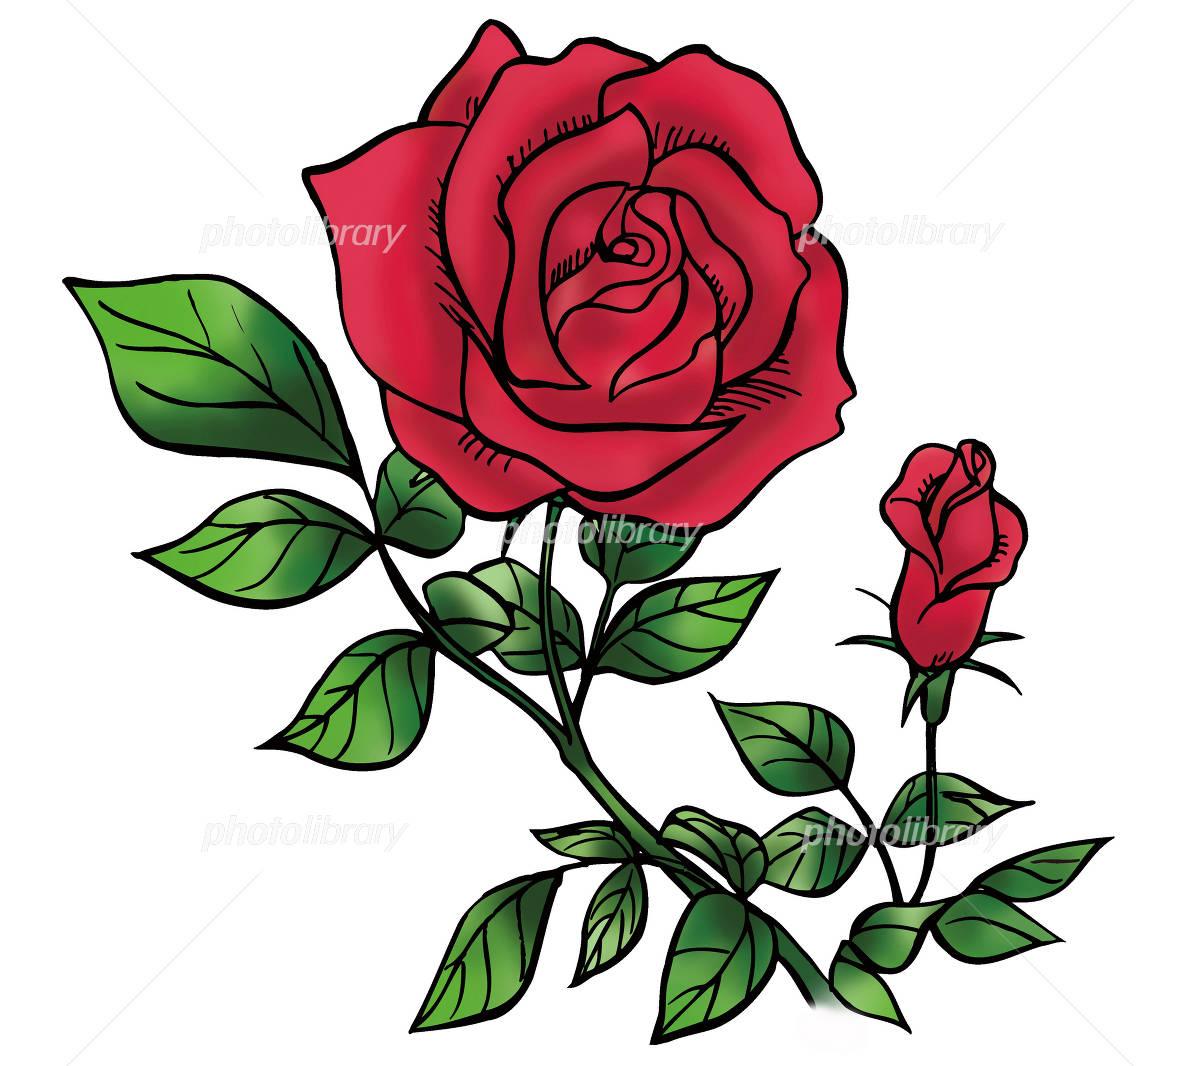 薔薇の花 イラスト素材 1170485 フォトライブラリー Photolibrary